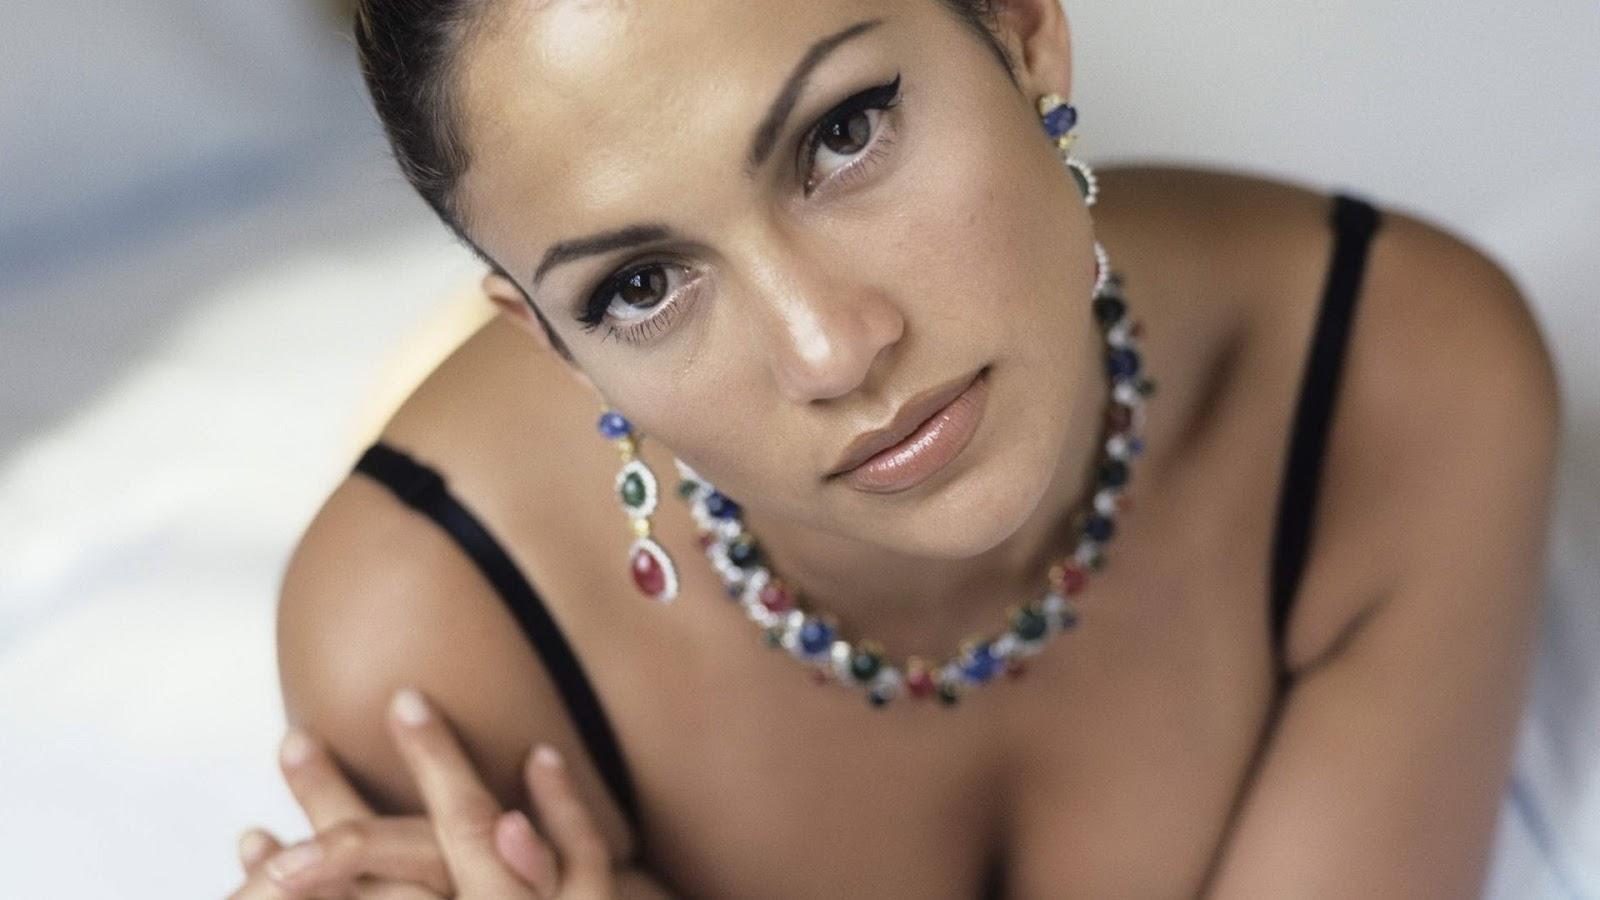 http://4.bp.blogspot.com/--y8im7teRnQ/T456t_SnB3I/AAAAAAAAB4Q/h4MqAEwB9vU/s1600/Jennifer-Lopez-Hot-Sexy-Hd-Wallpapers-10.jpg